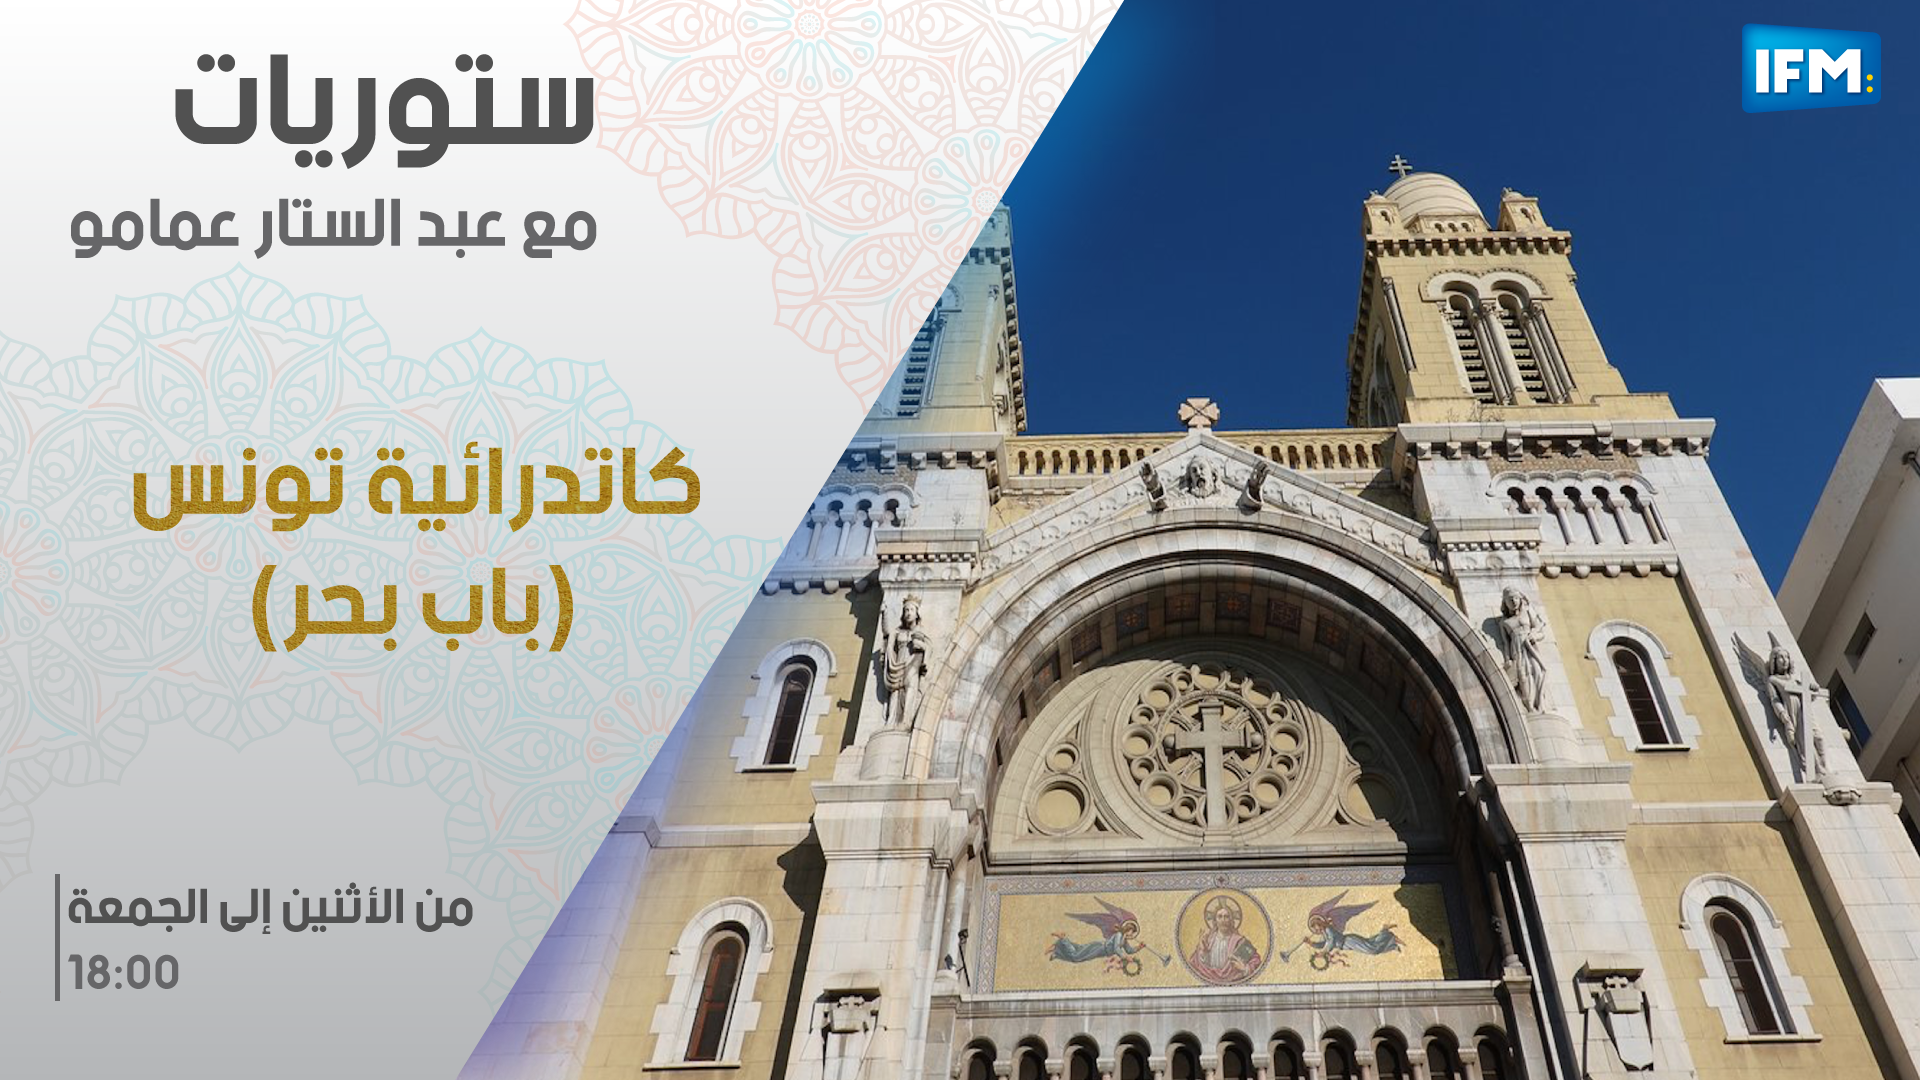 IFM ORIGINALS في ستوريات عبد الستار عمامو اليوم يحكيلنا على كاتدرائية تونس